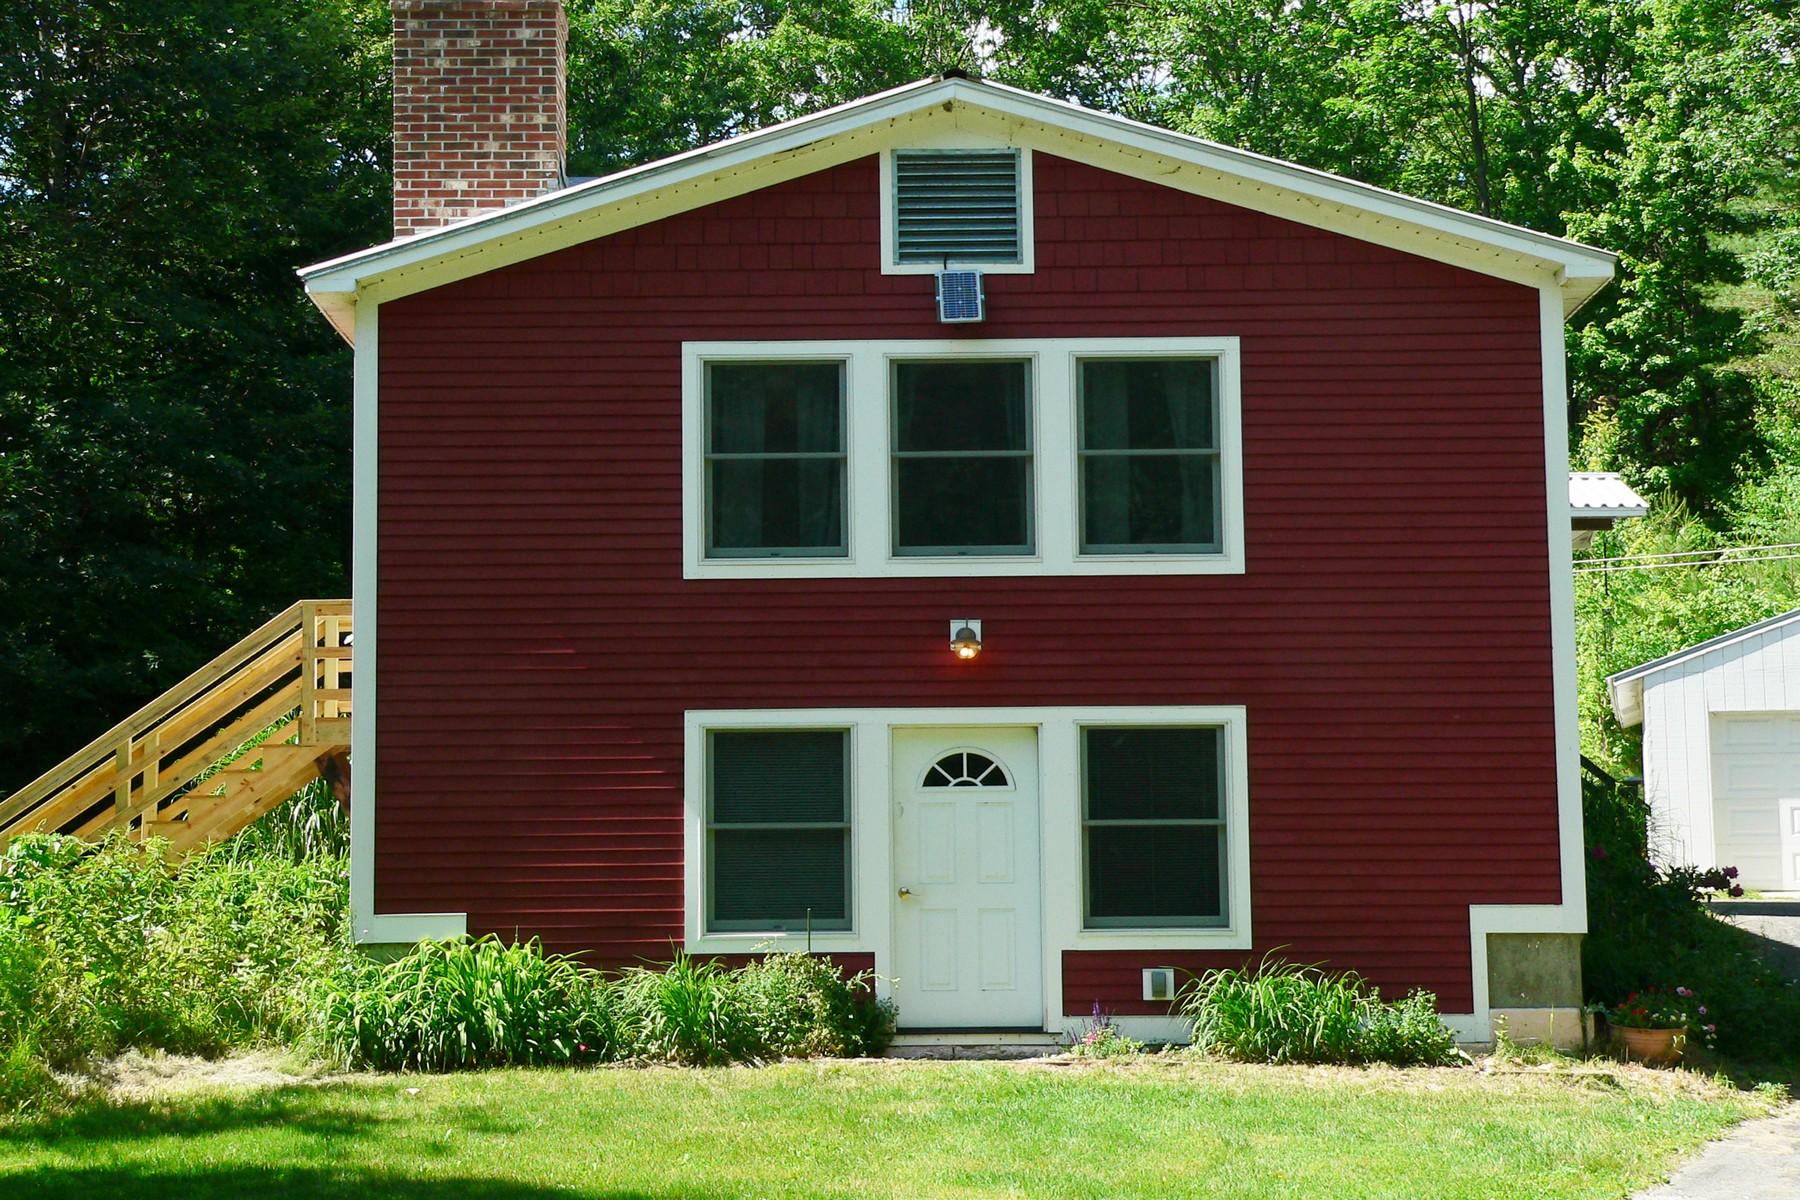 단독 가정 주택 용 매매 에 Mountain Top View 825 Skitchewaug Trail Rd Springfield, 베르몬트, 05156 미국